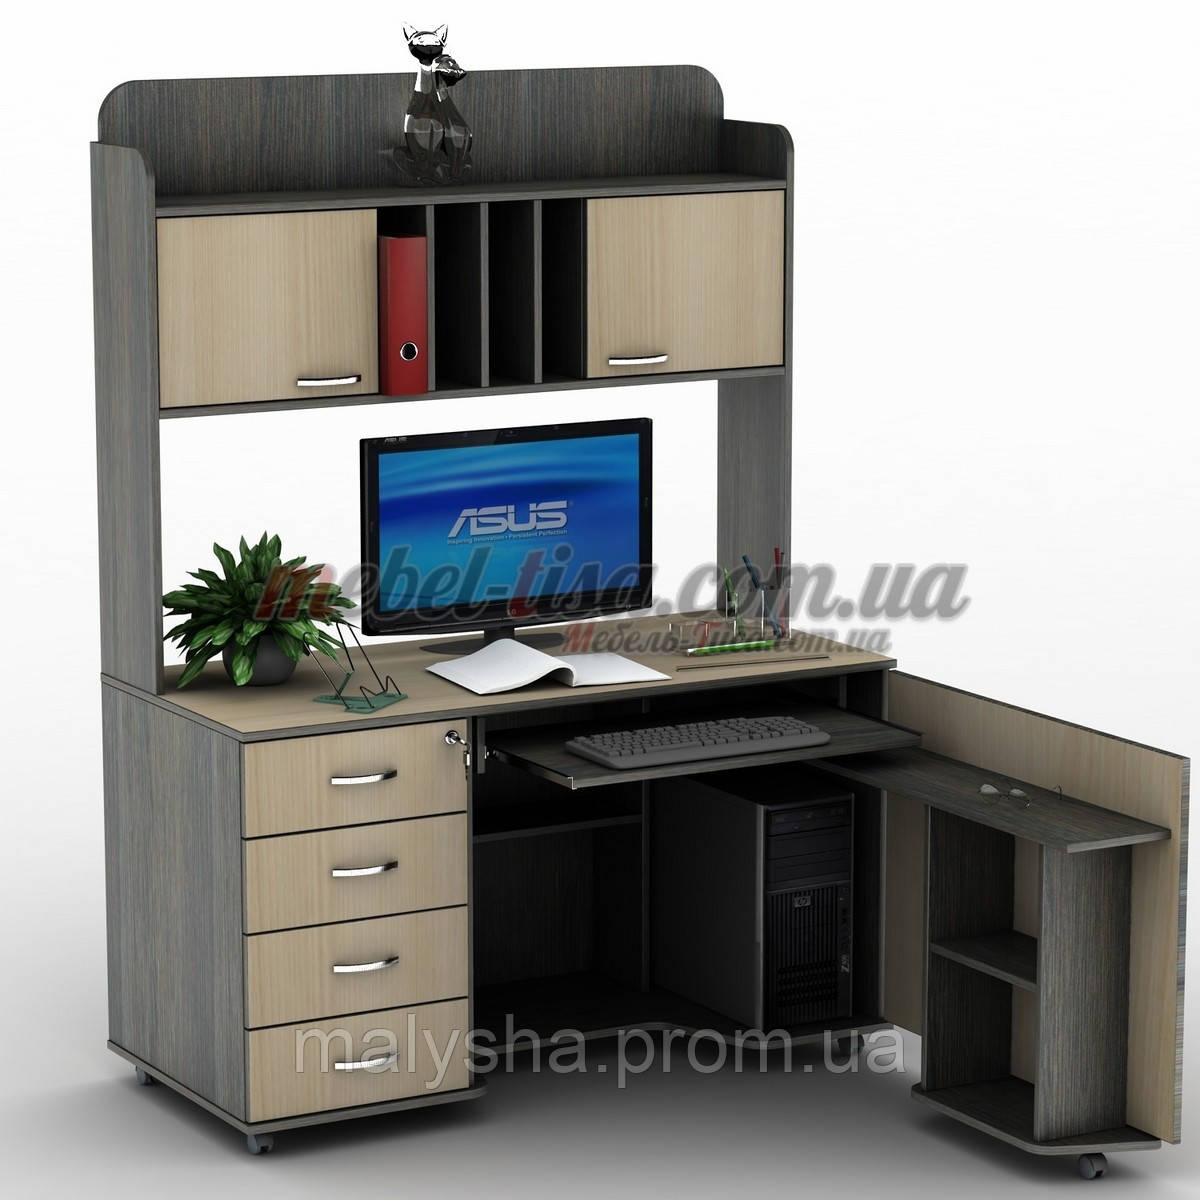 Прямой компьютерный стол су-16.